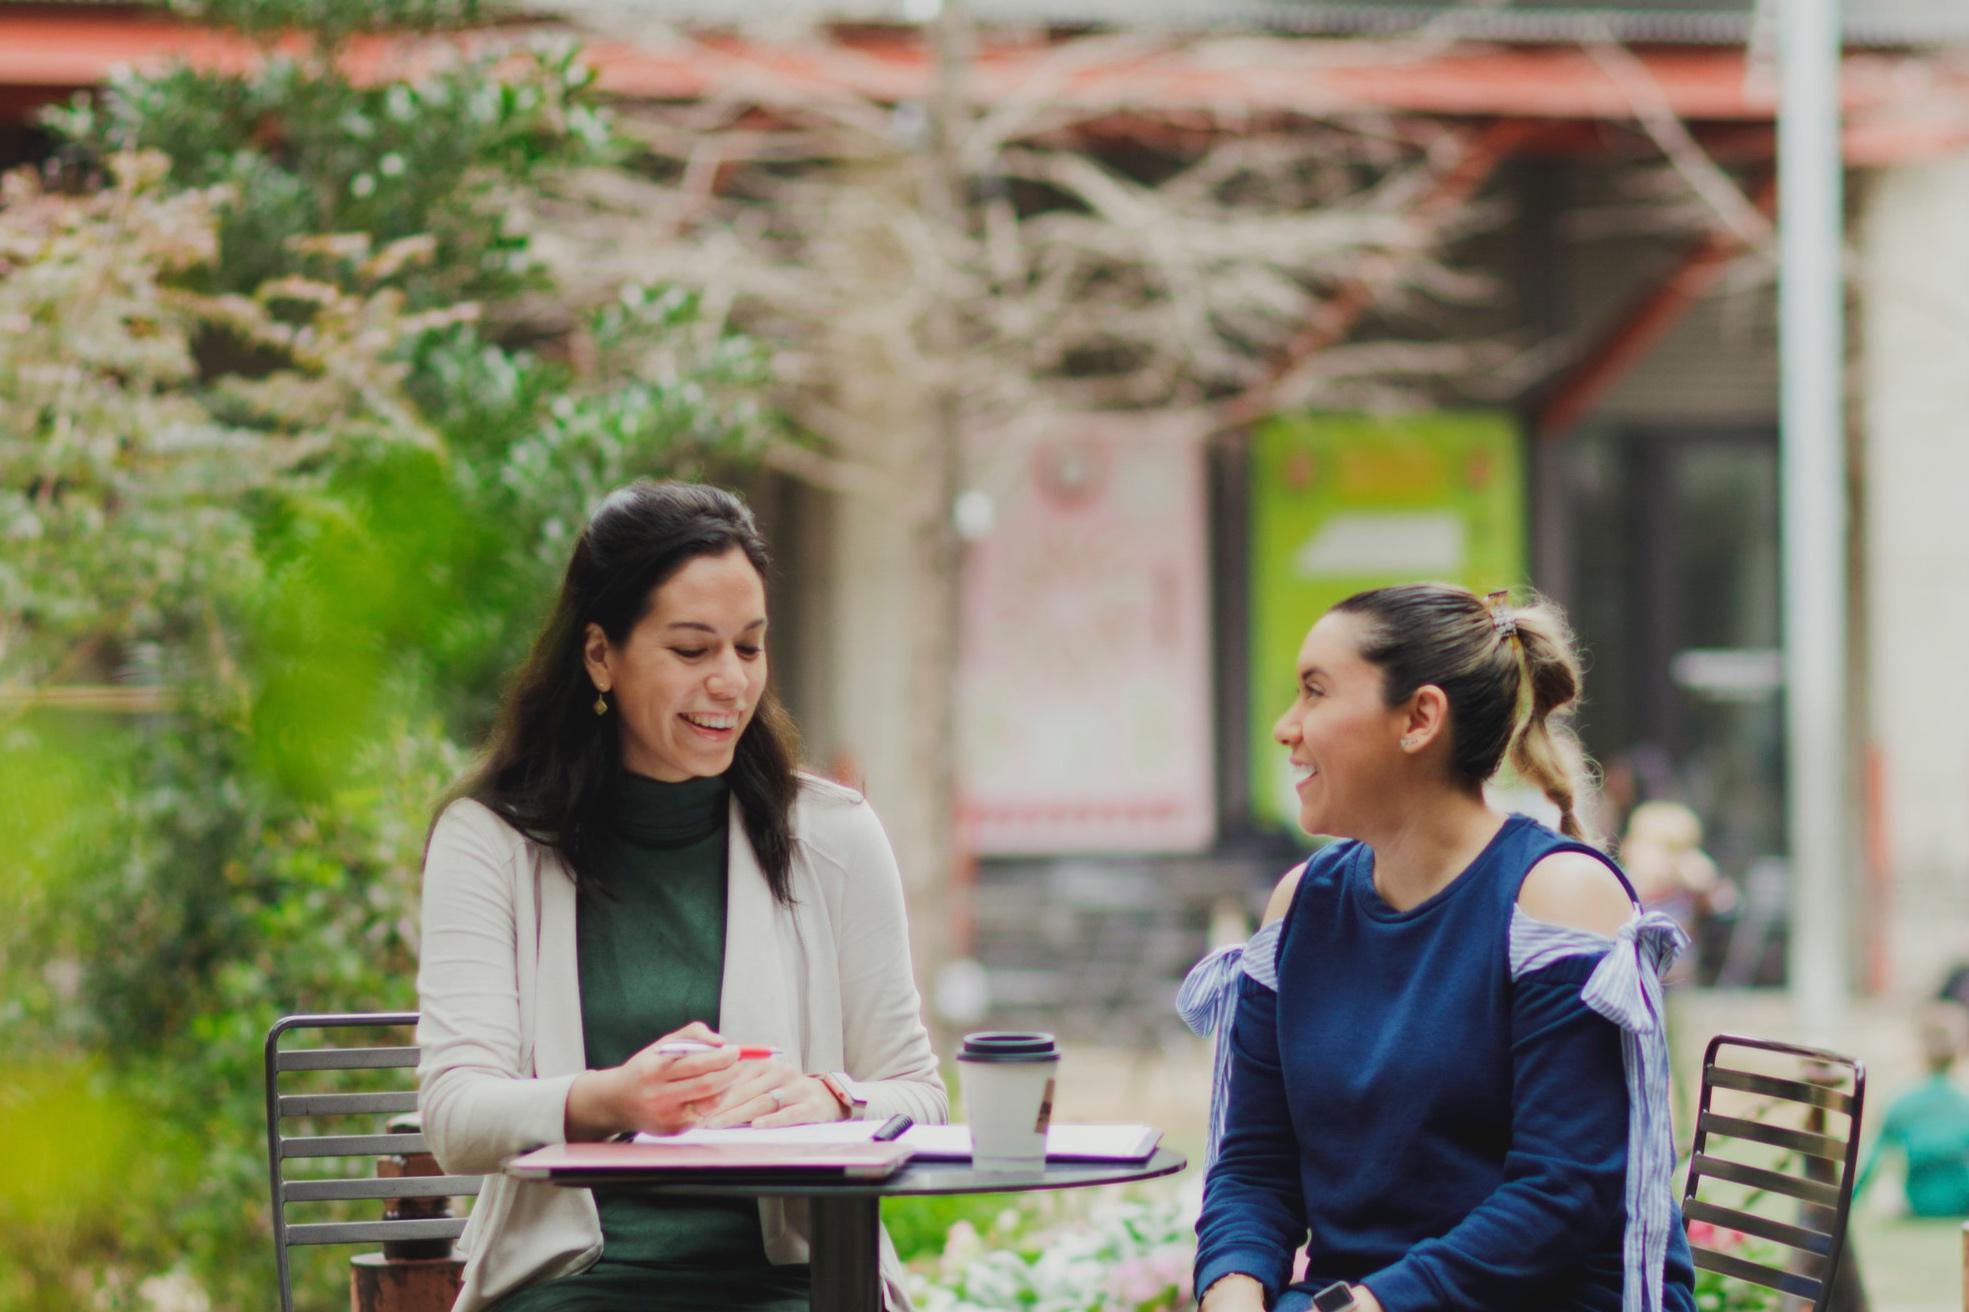 Priscilla-Reyna-Working-Women-Nutrition-006.jpg